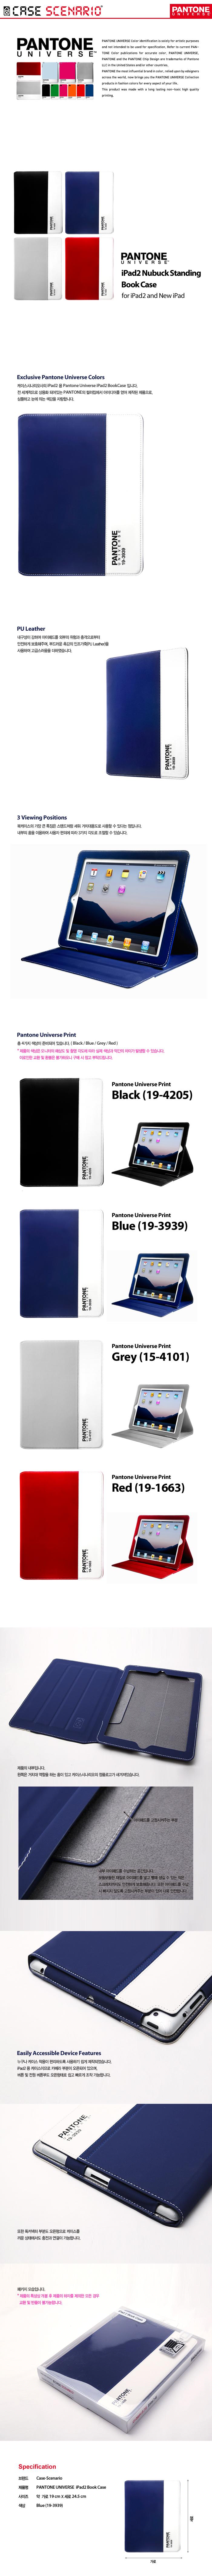 이뿌당~ 이걸 사려면 아이패드가 있어야해..ㅎ : [10x10] PANTONE Blue BookCase for iPad2●PA-IPBK-N-BLU●.